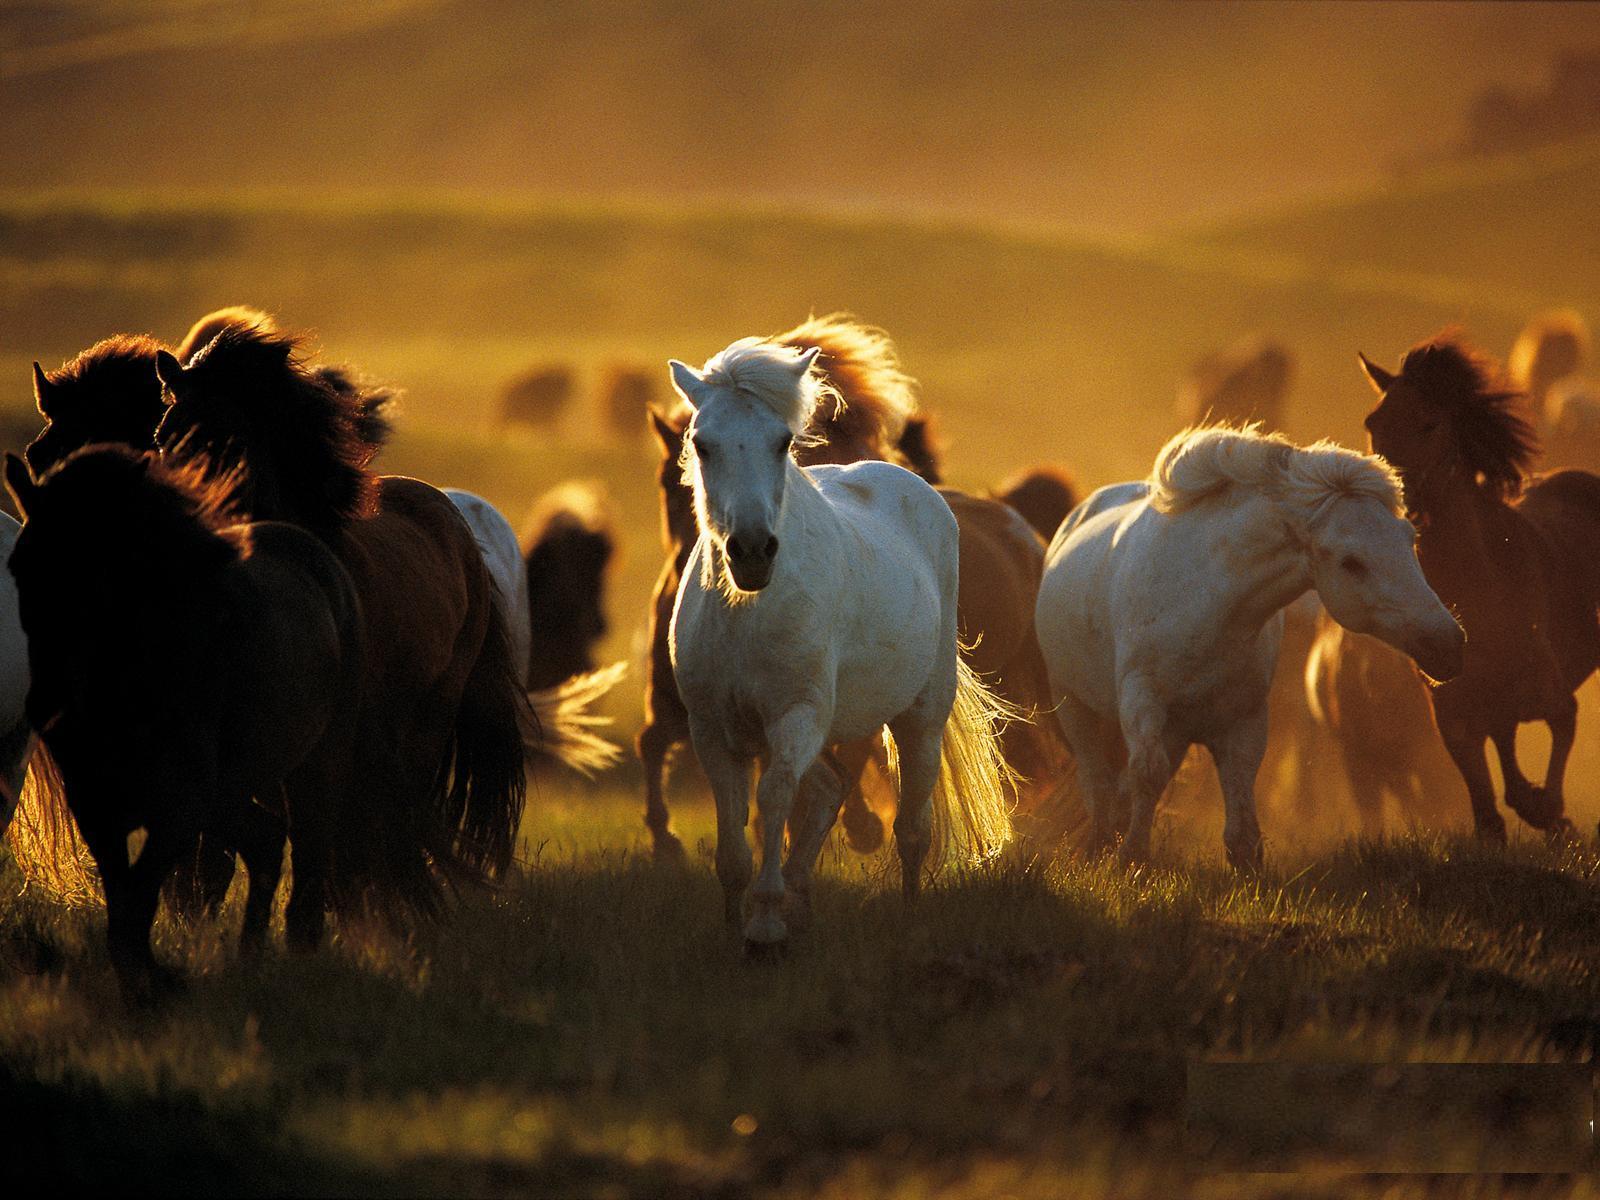 http://3.bp.blogspot.com/-lGzyYd7bQ9A/TfLdGDkyqoI/AAAAAAAAndQ/s_FtvF3J9Pg/s1600/Horses%252BWallpaper%252B%2525289%2525291.JPG